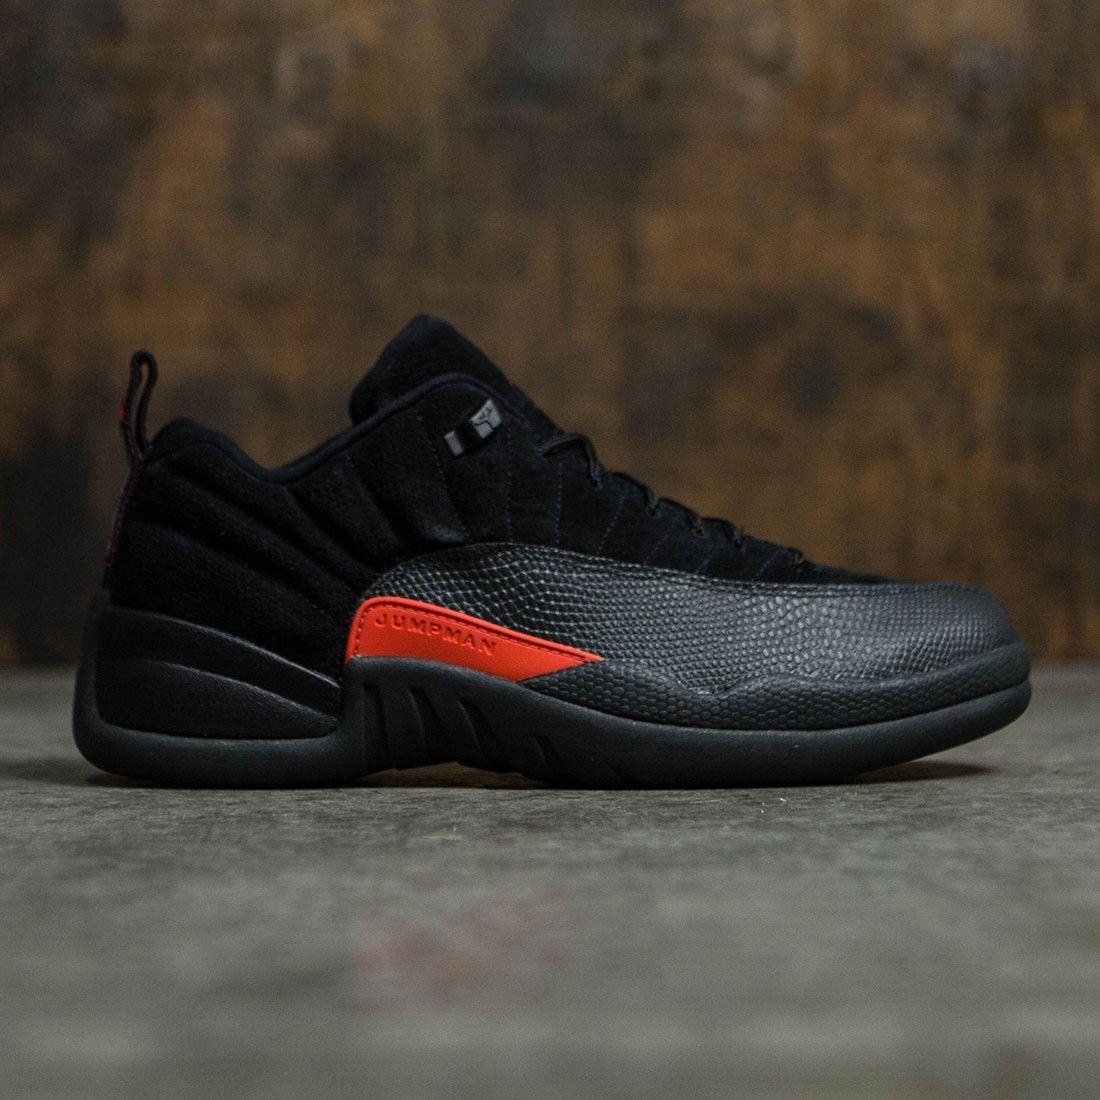 9a12cb0c28c6 Jordan Men Air Jordan 12 Retro Low (black   max orange-anthracite ...